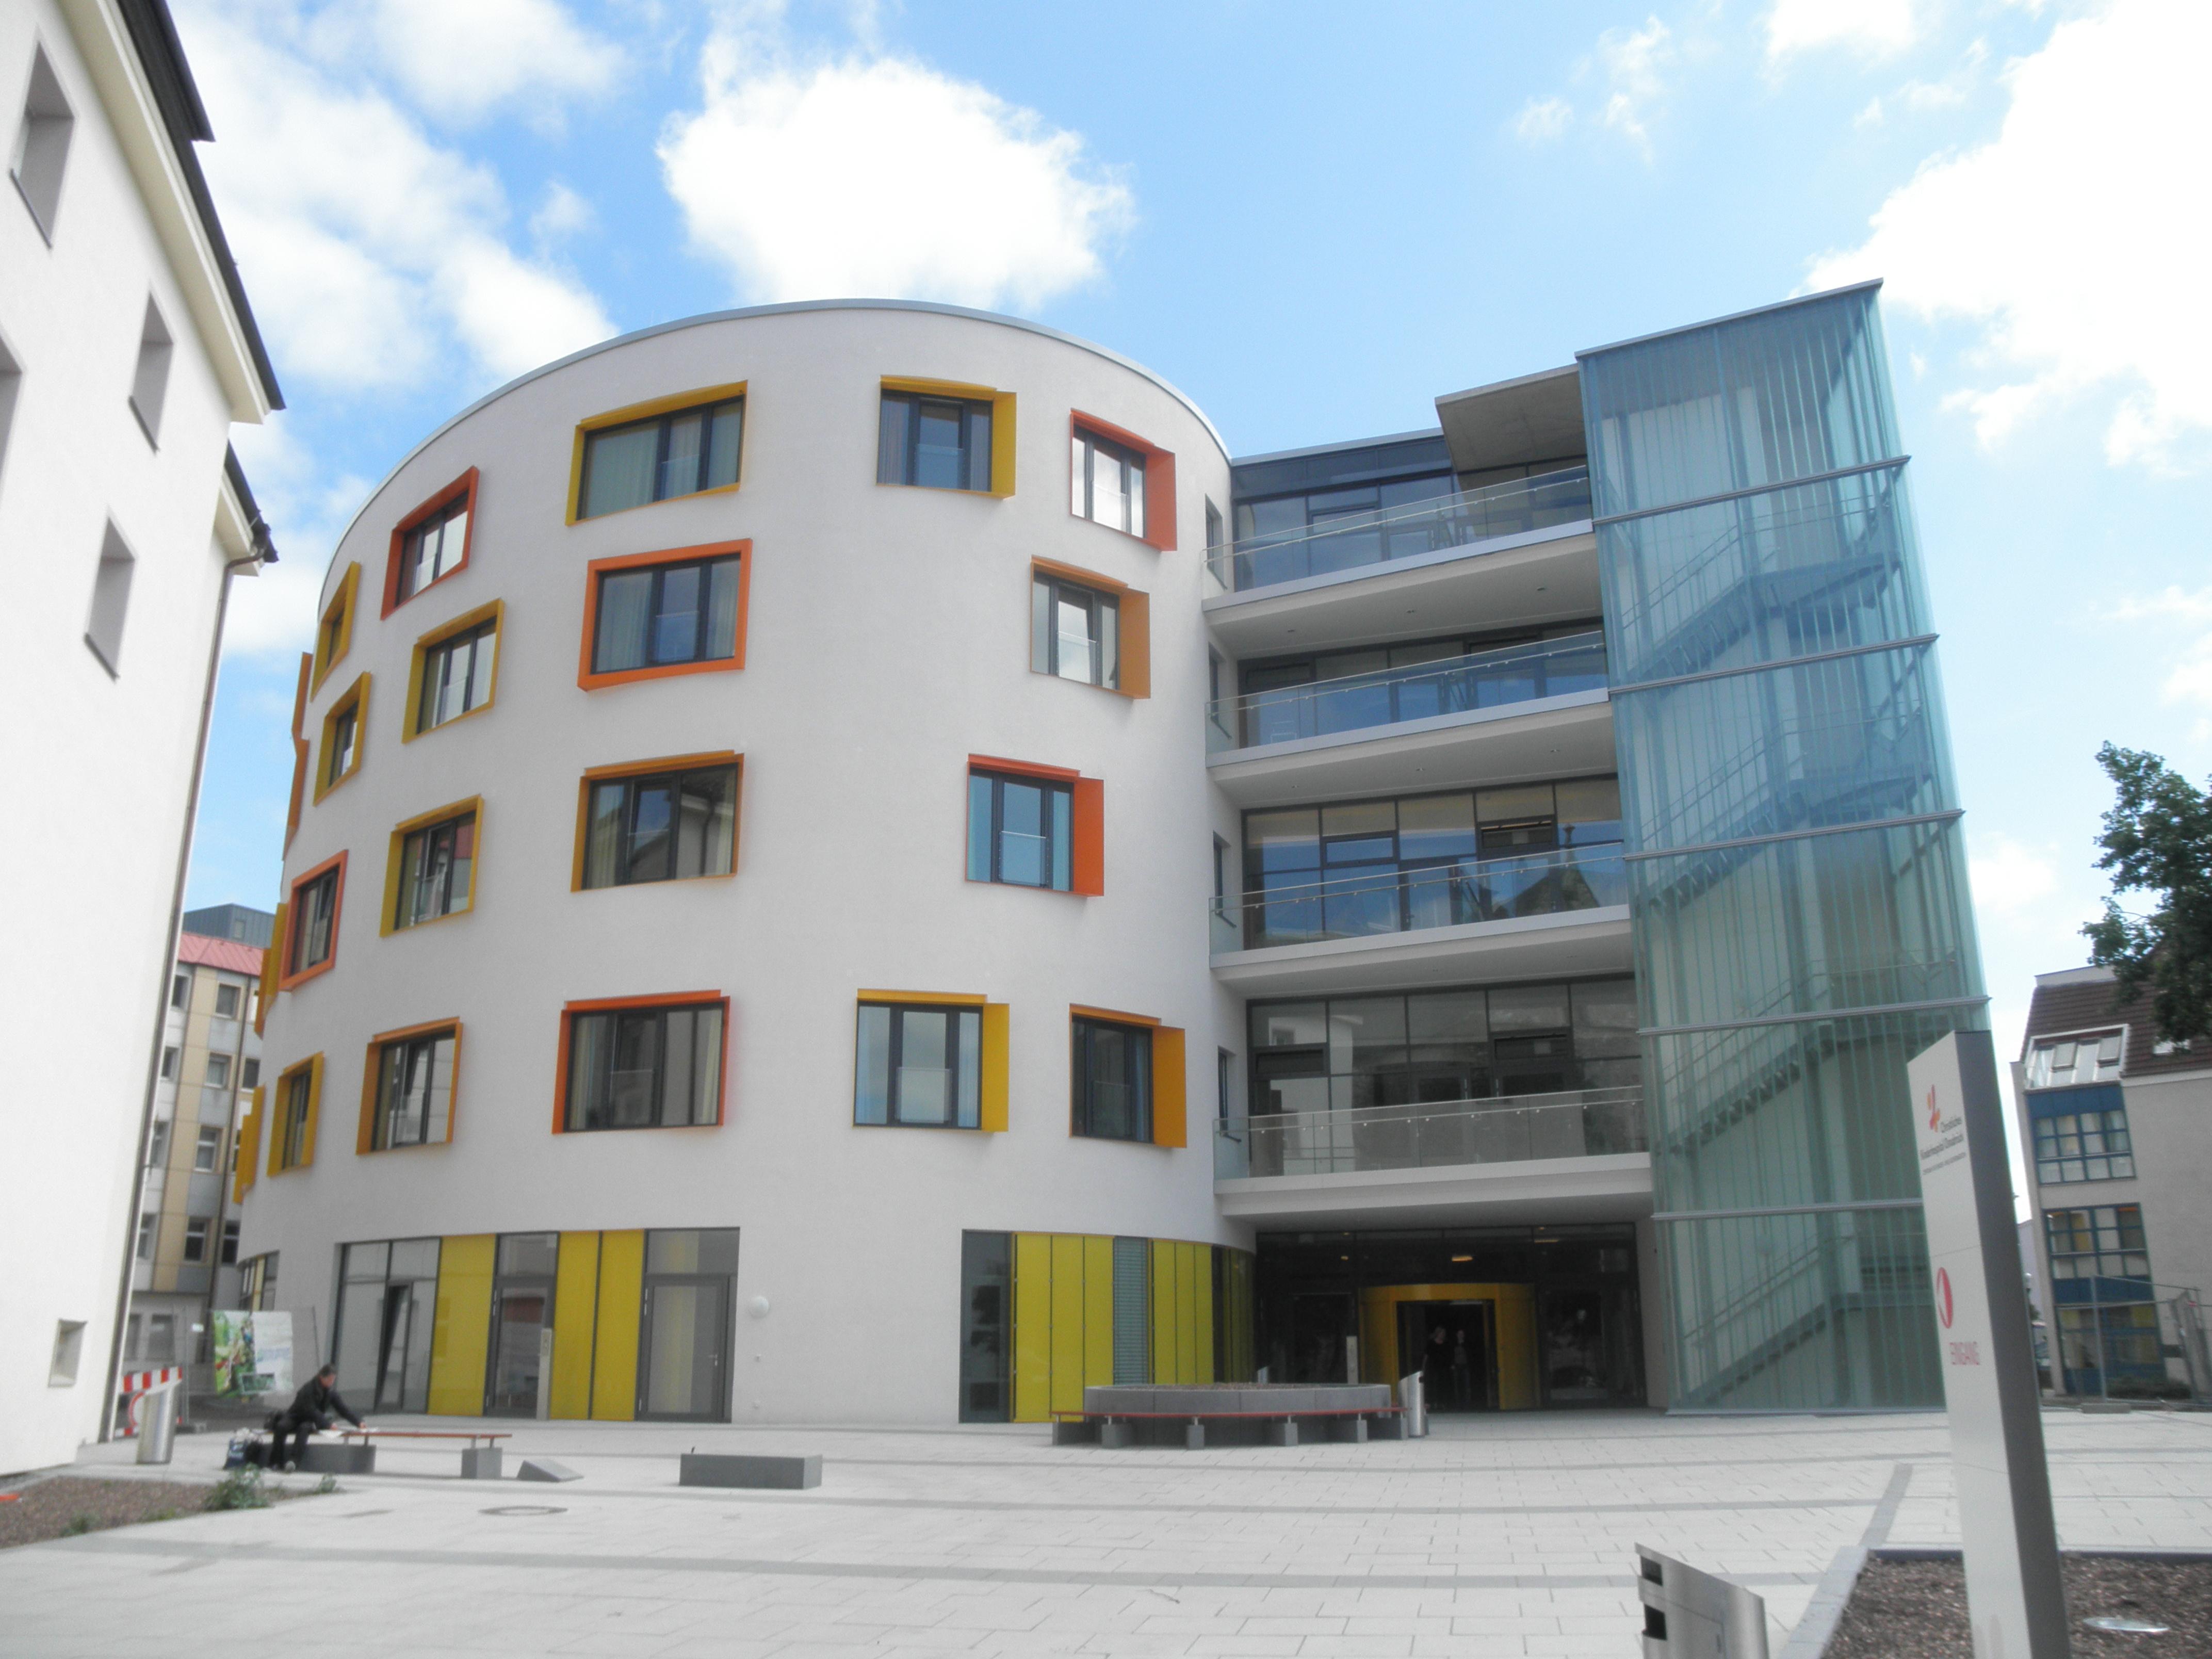 Osnabrück – Wikipedia